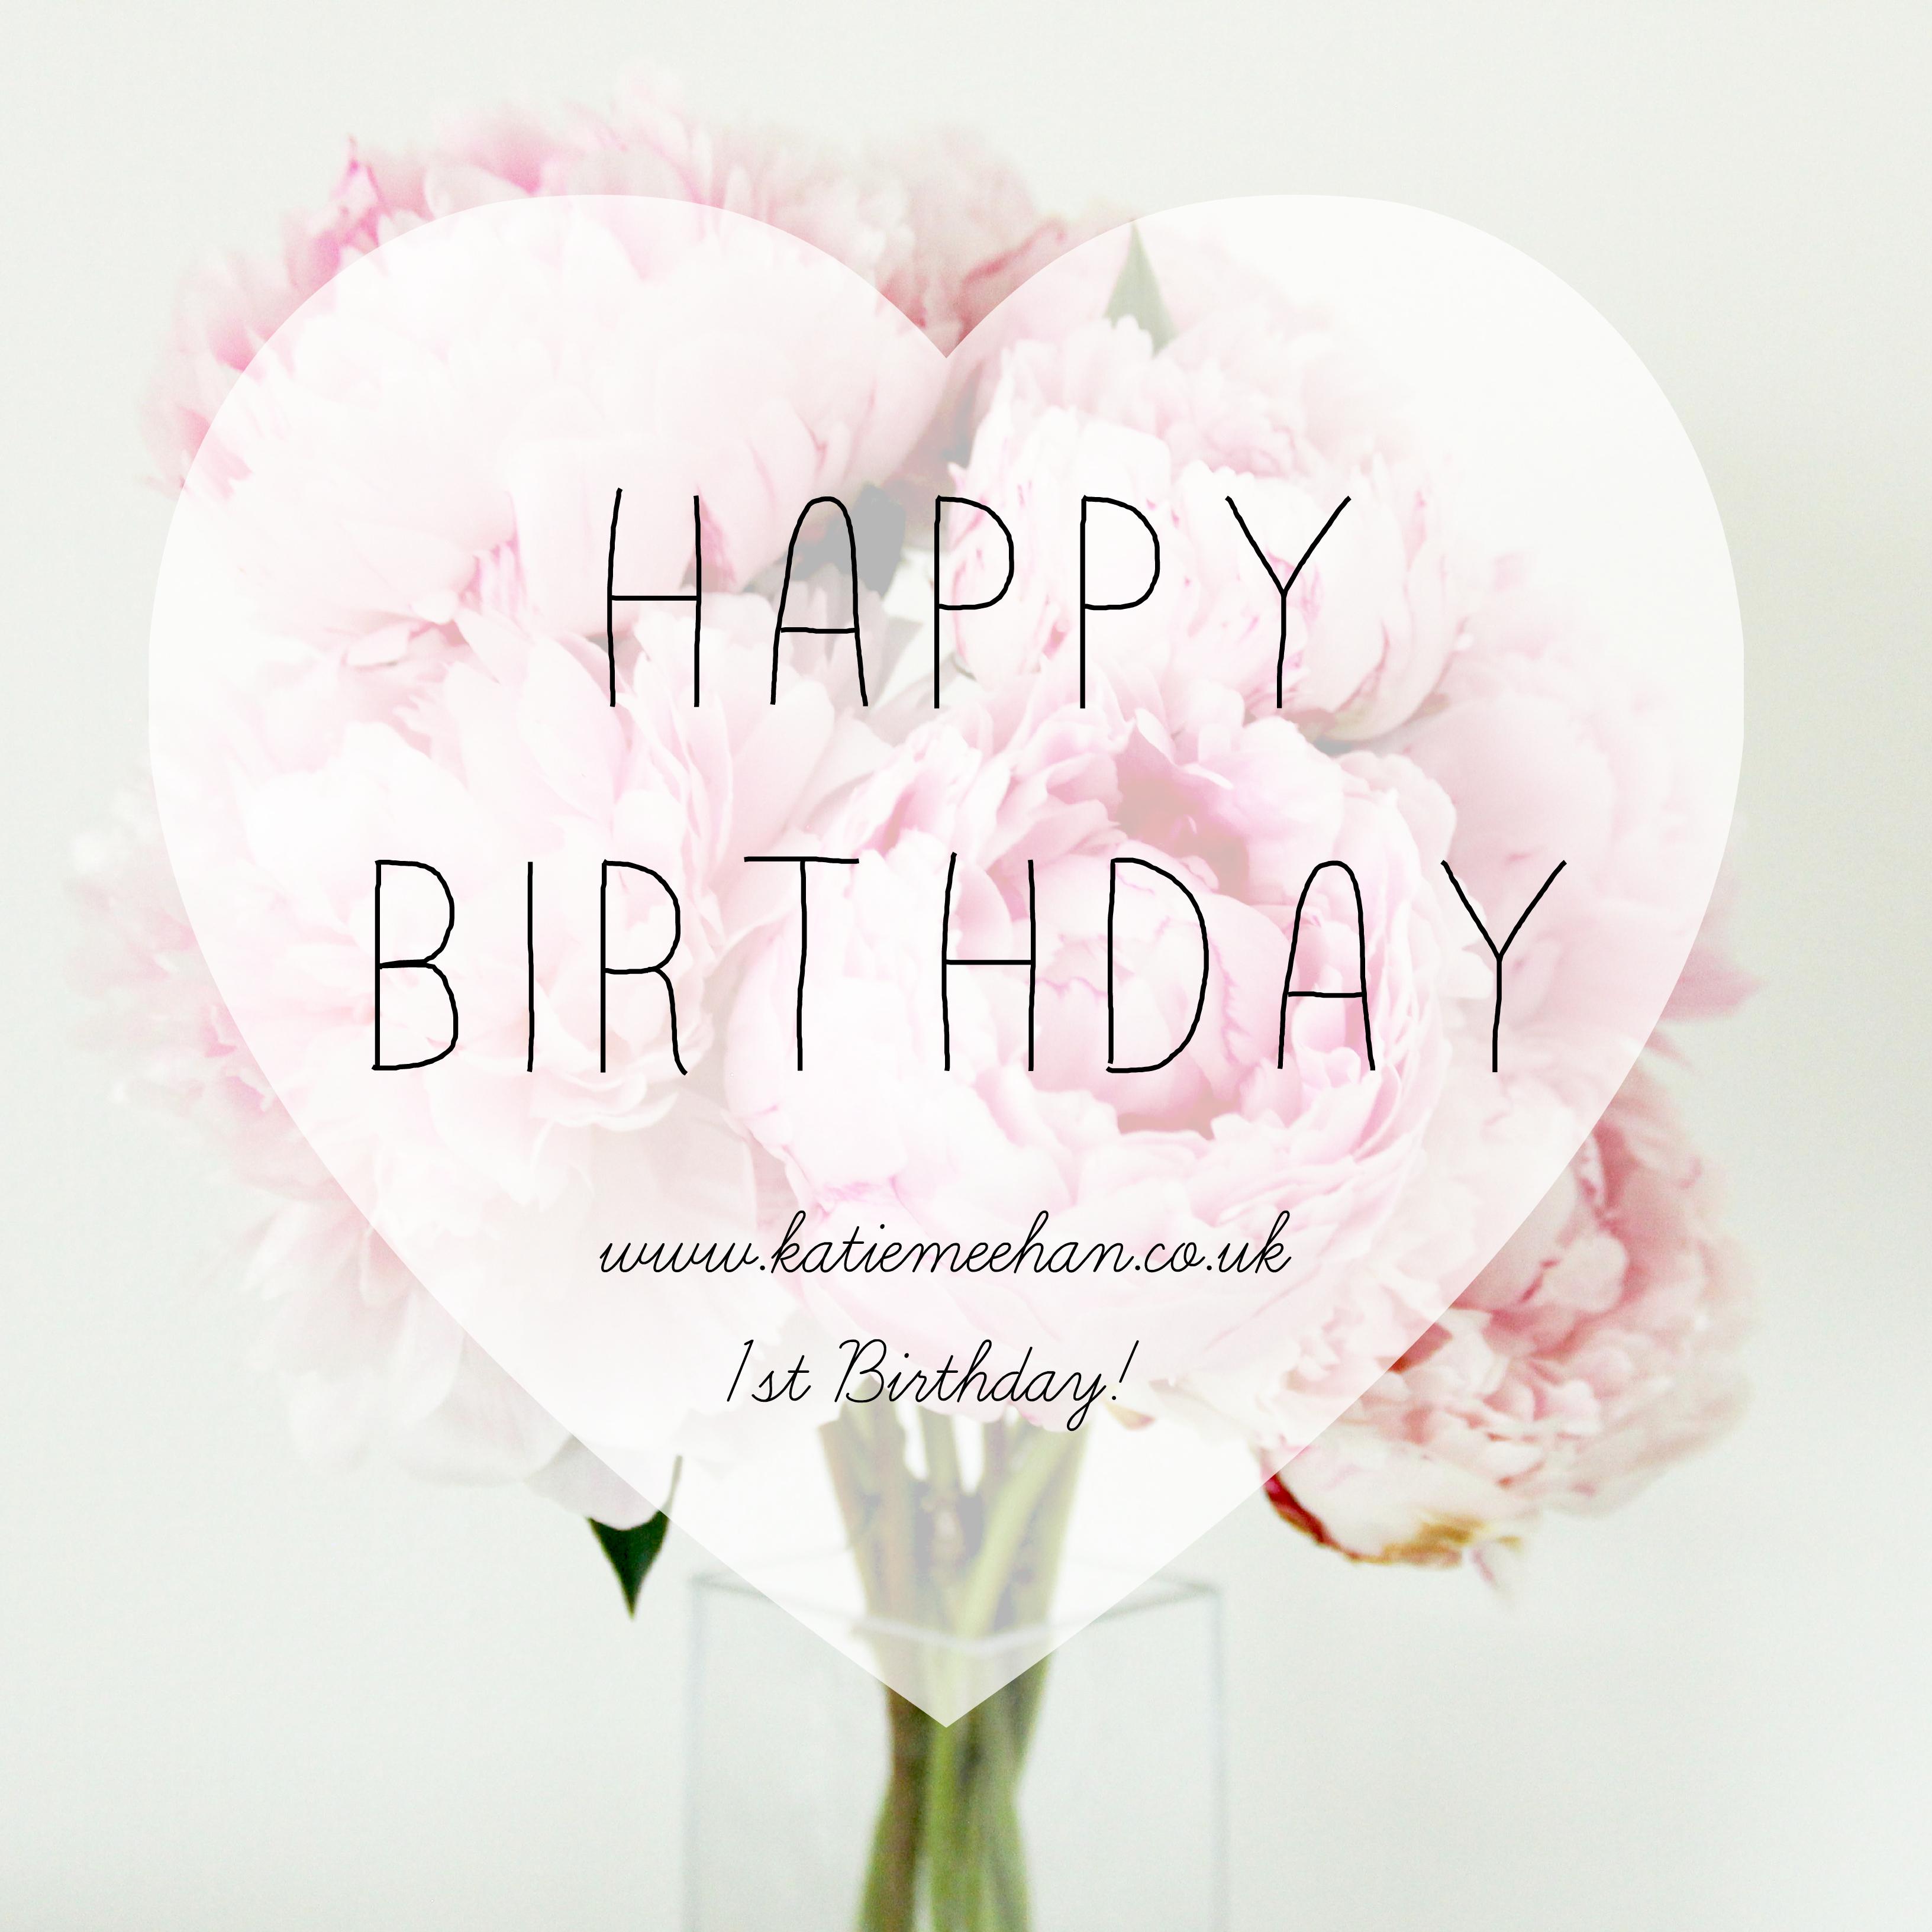 Happy 1st Blog Birthday!